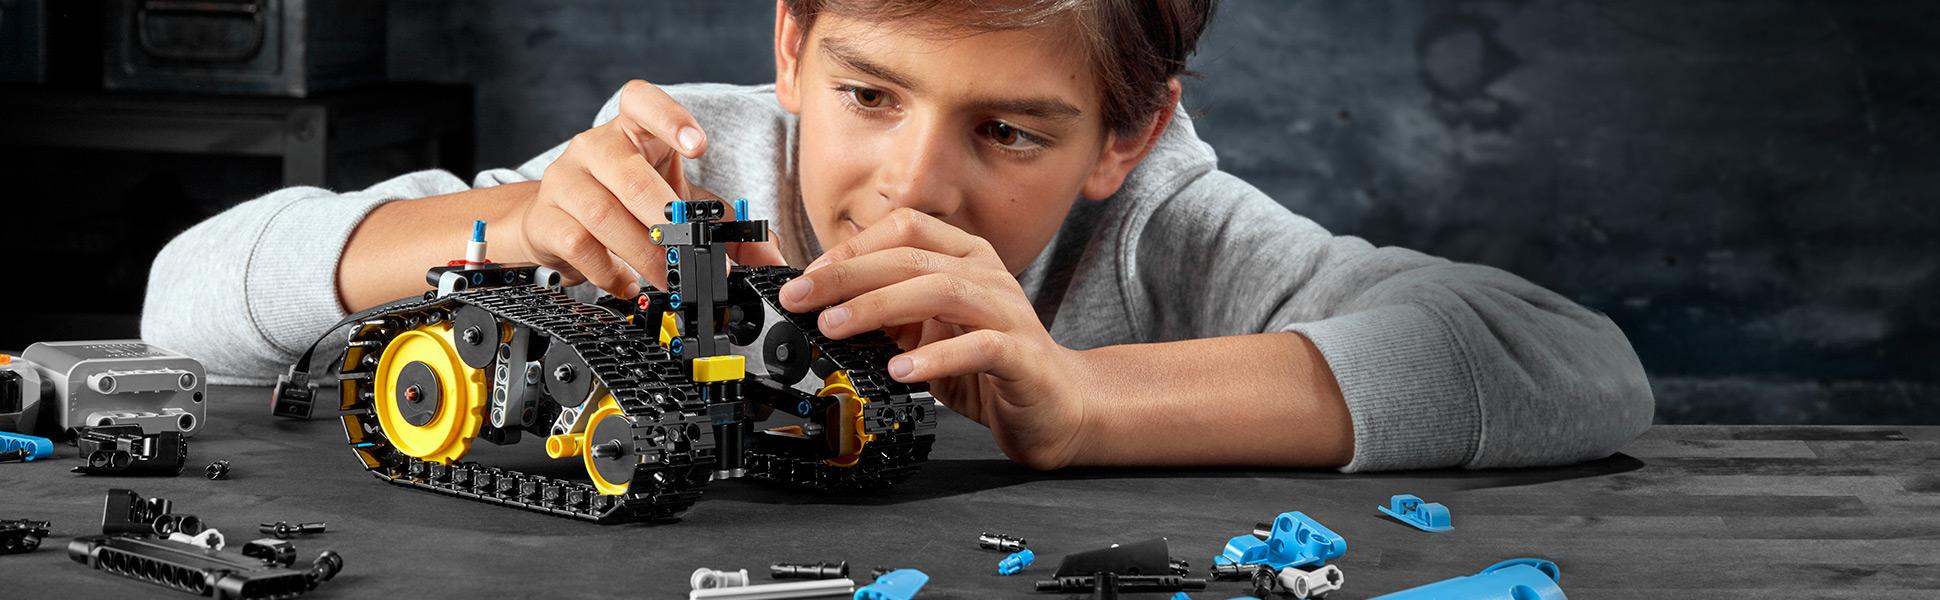 Діти відкривають інженерні принципи